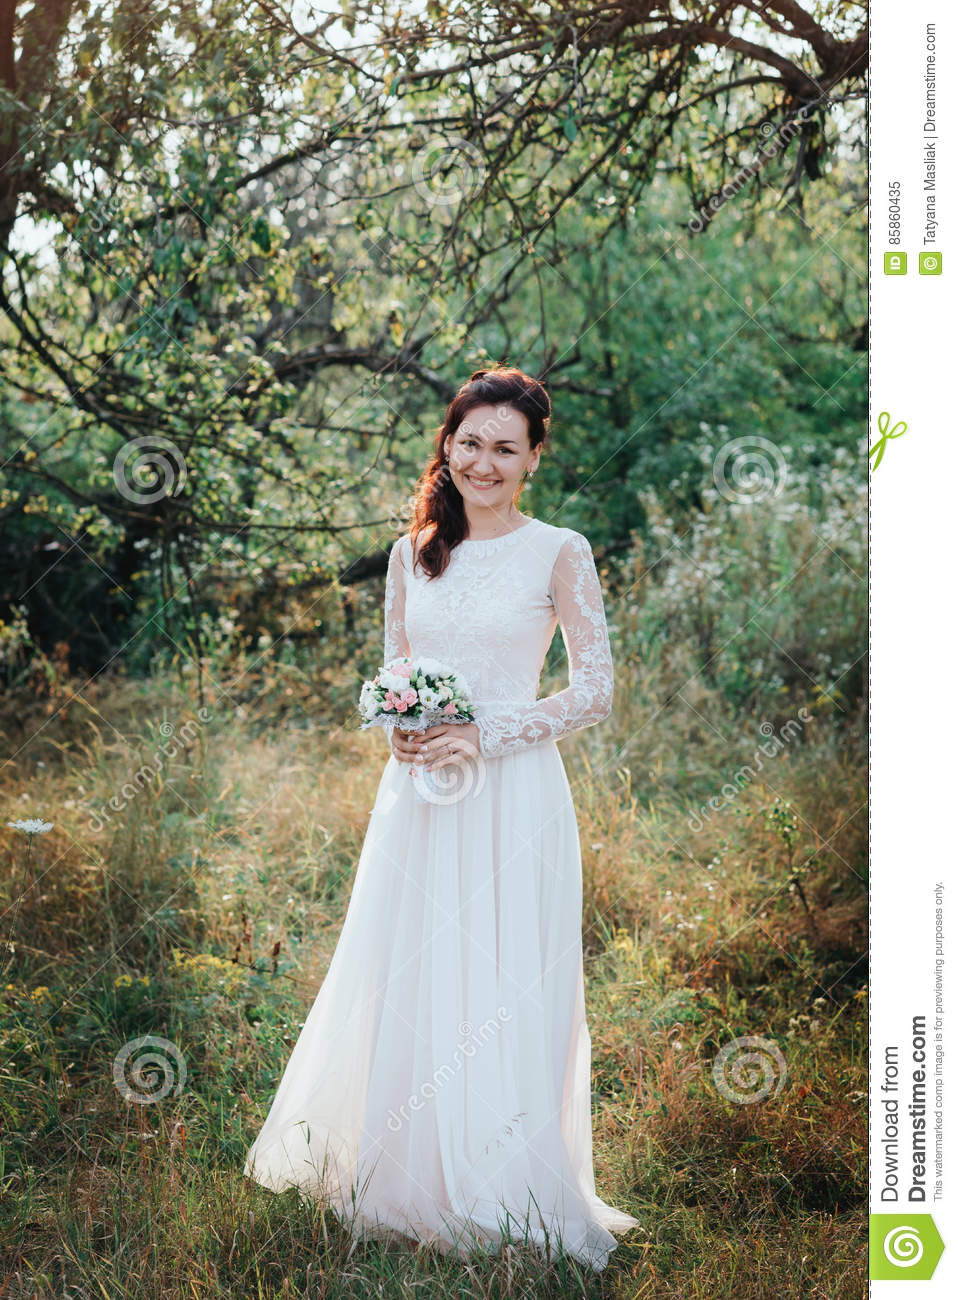 Hochzeit Junge Schöne Braut Mit Der Frisur Und Make-Up, Die